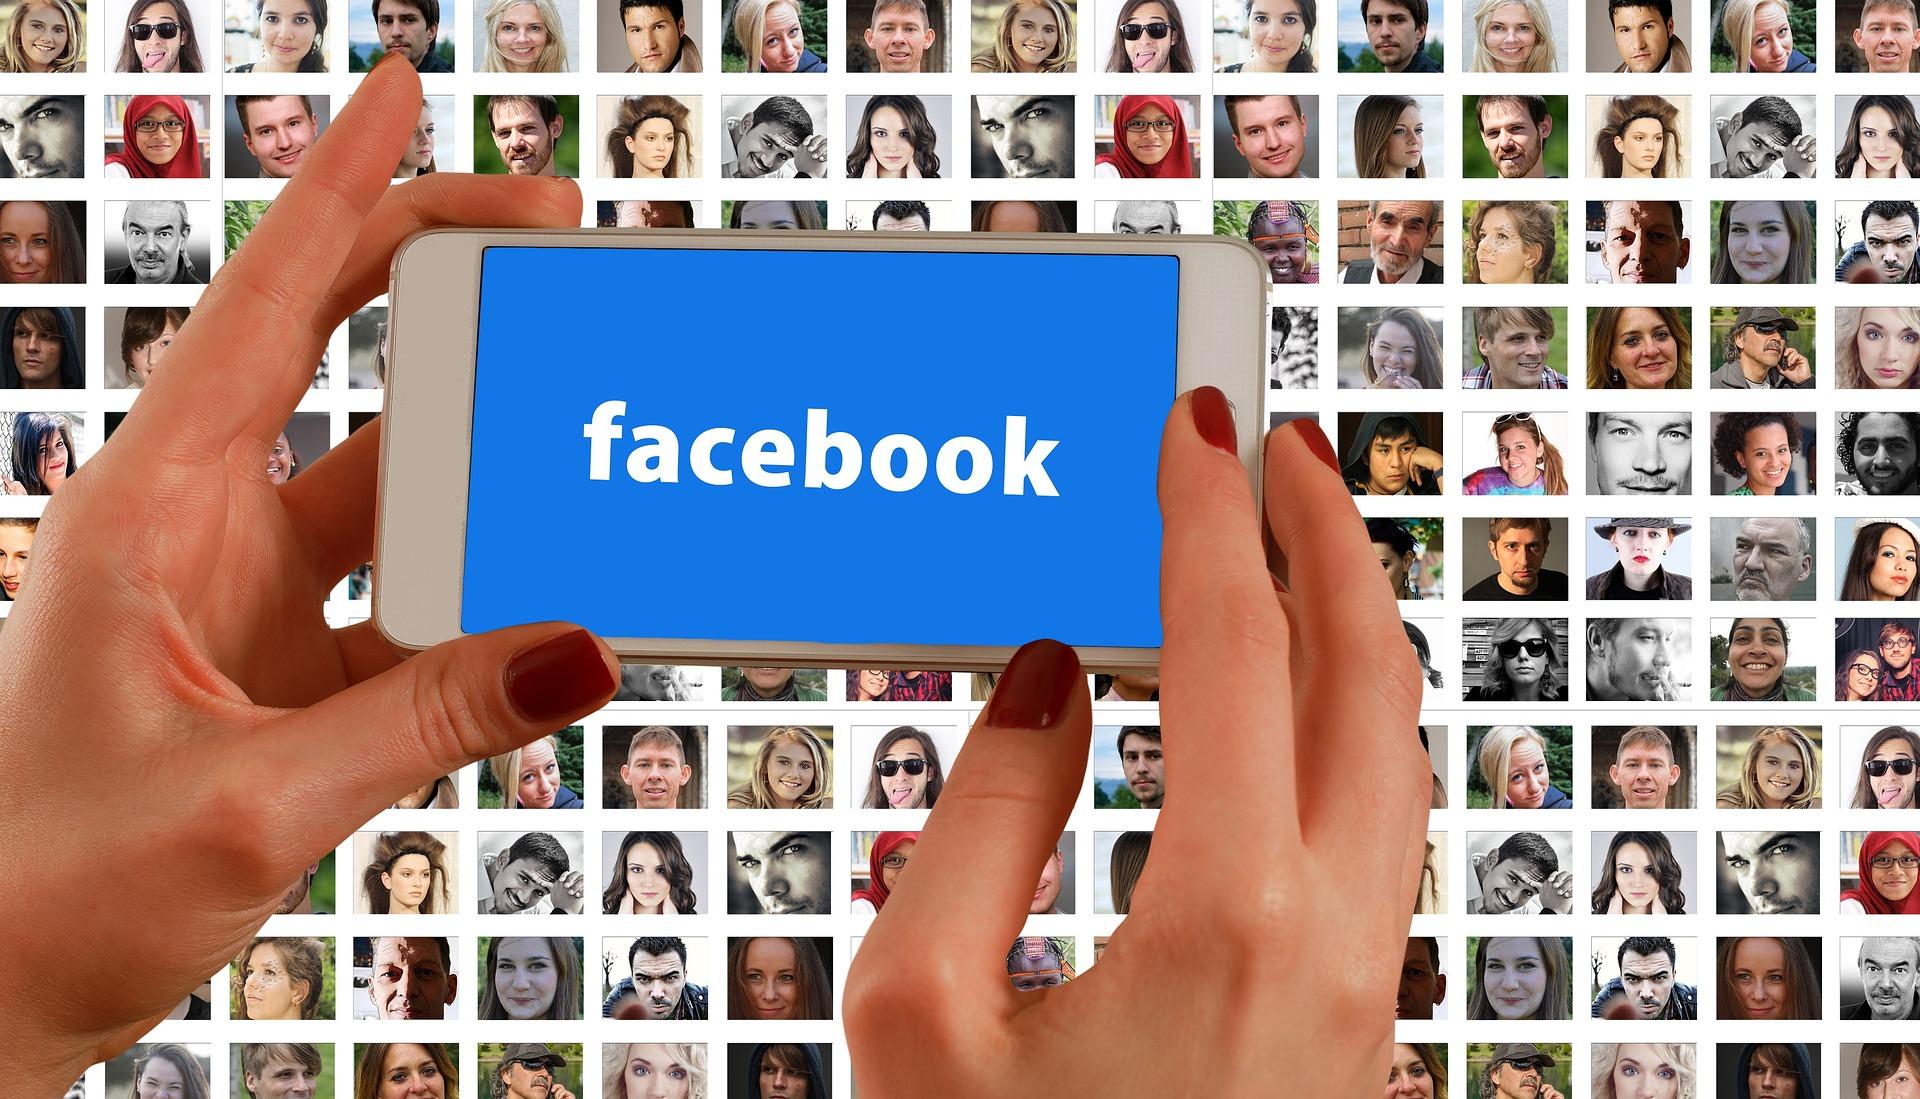 Colisión de dos derechos fundamentales en Facebook, ¿cuál debe prevalecer?